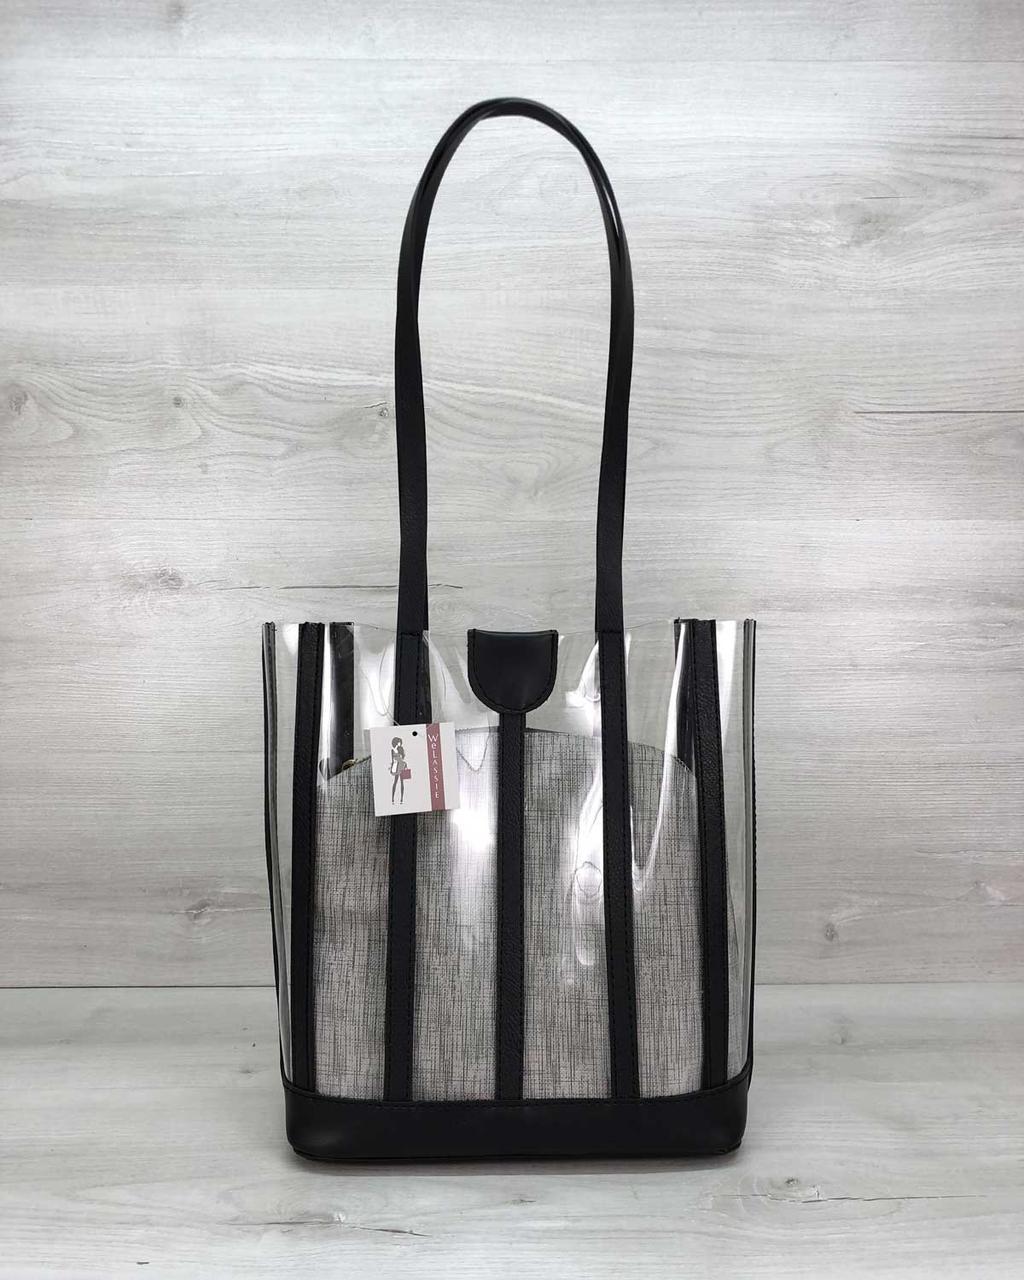 Сумка шоппер женская силиконовая на плечо прозрачная с длинными ручками